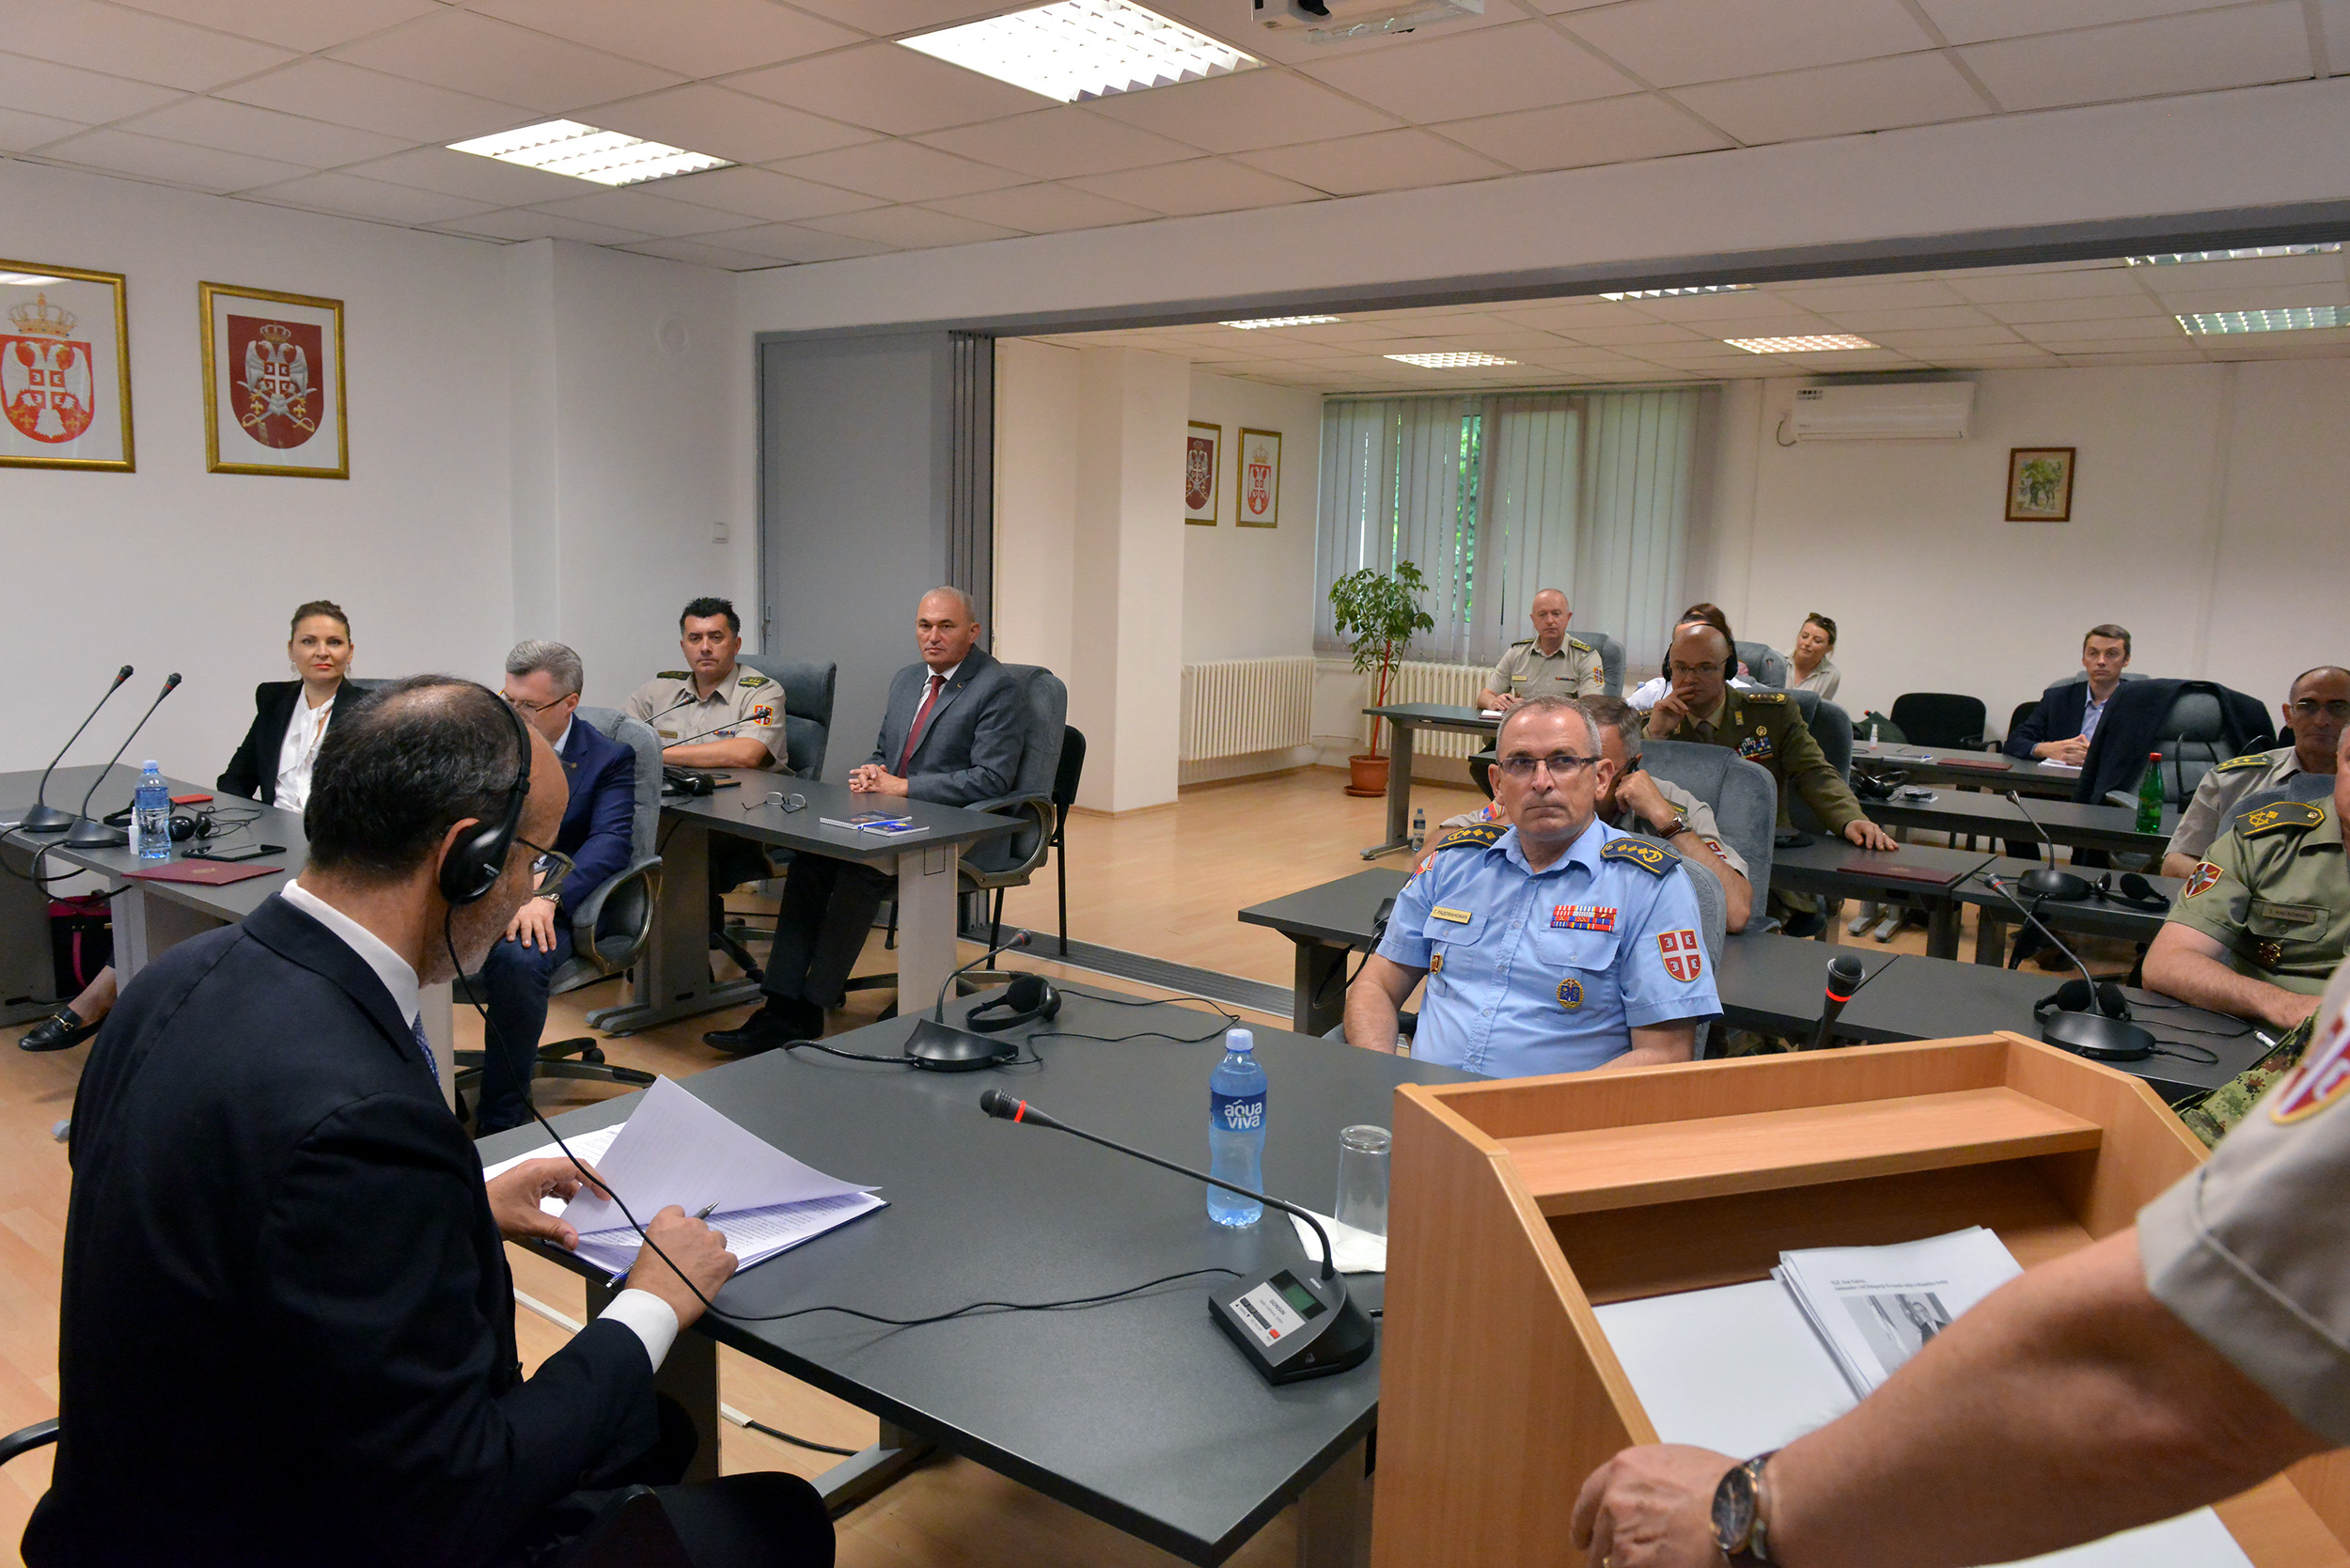 Посета шефа Делегације Европске уније у Републици Србији Сема Фабриција Универзитету одбране